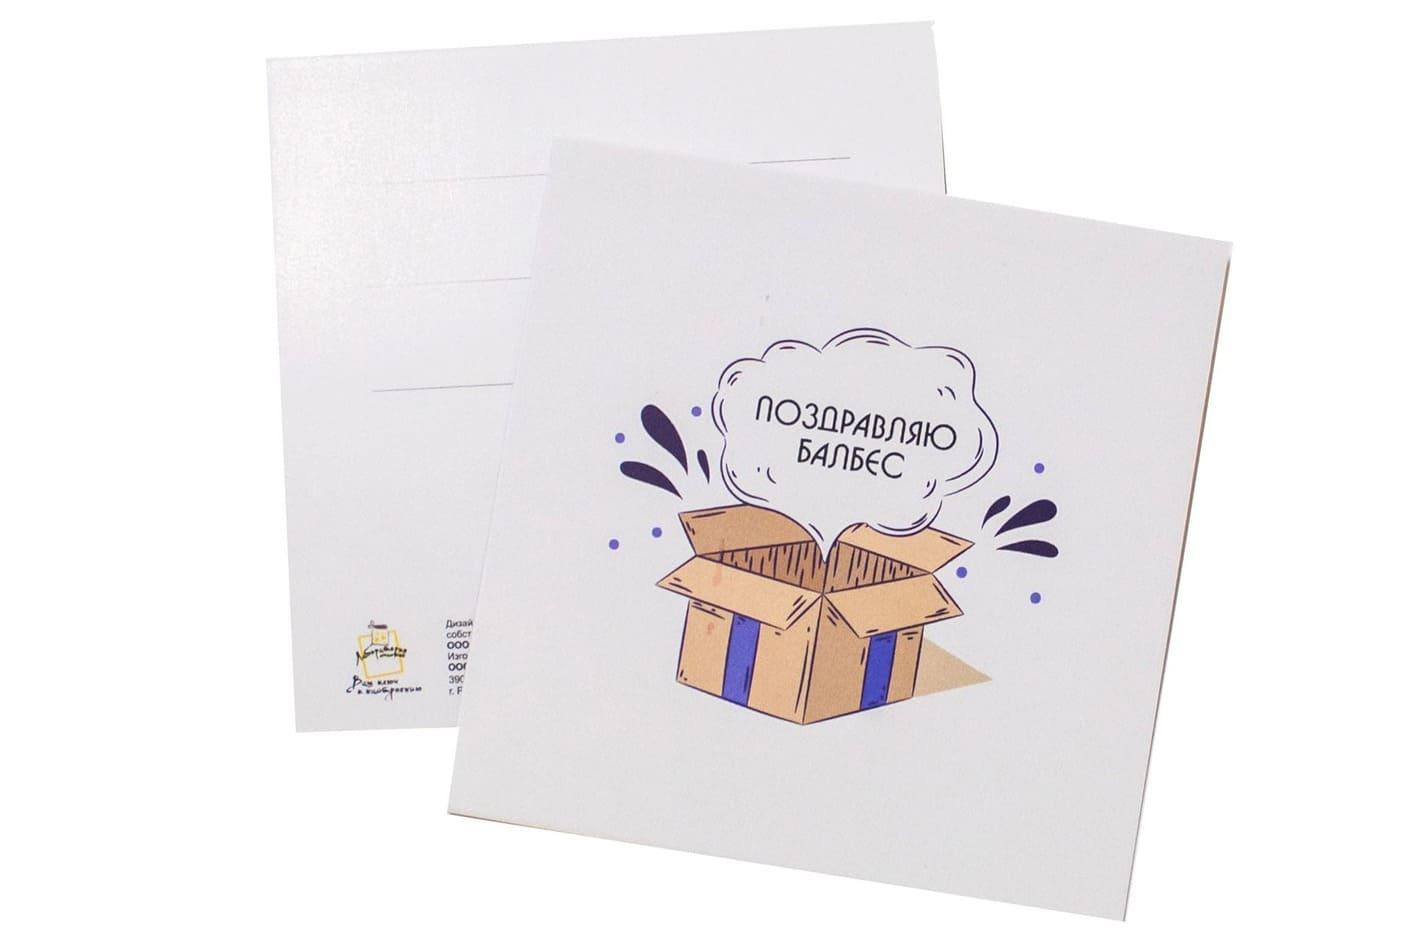 Мини открытка- Поздравляю балбес